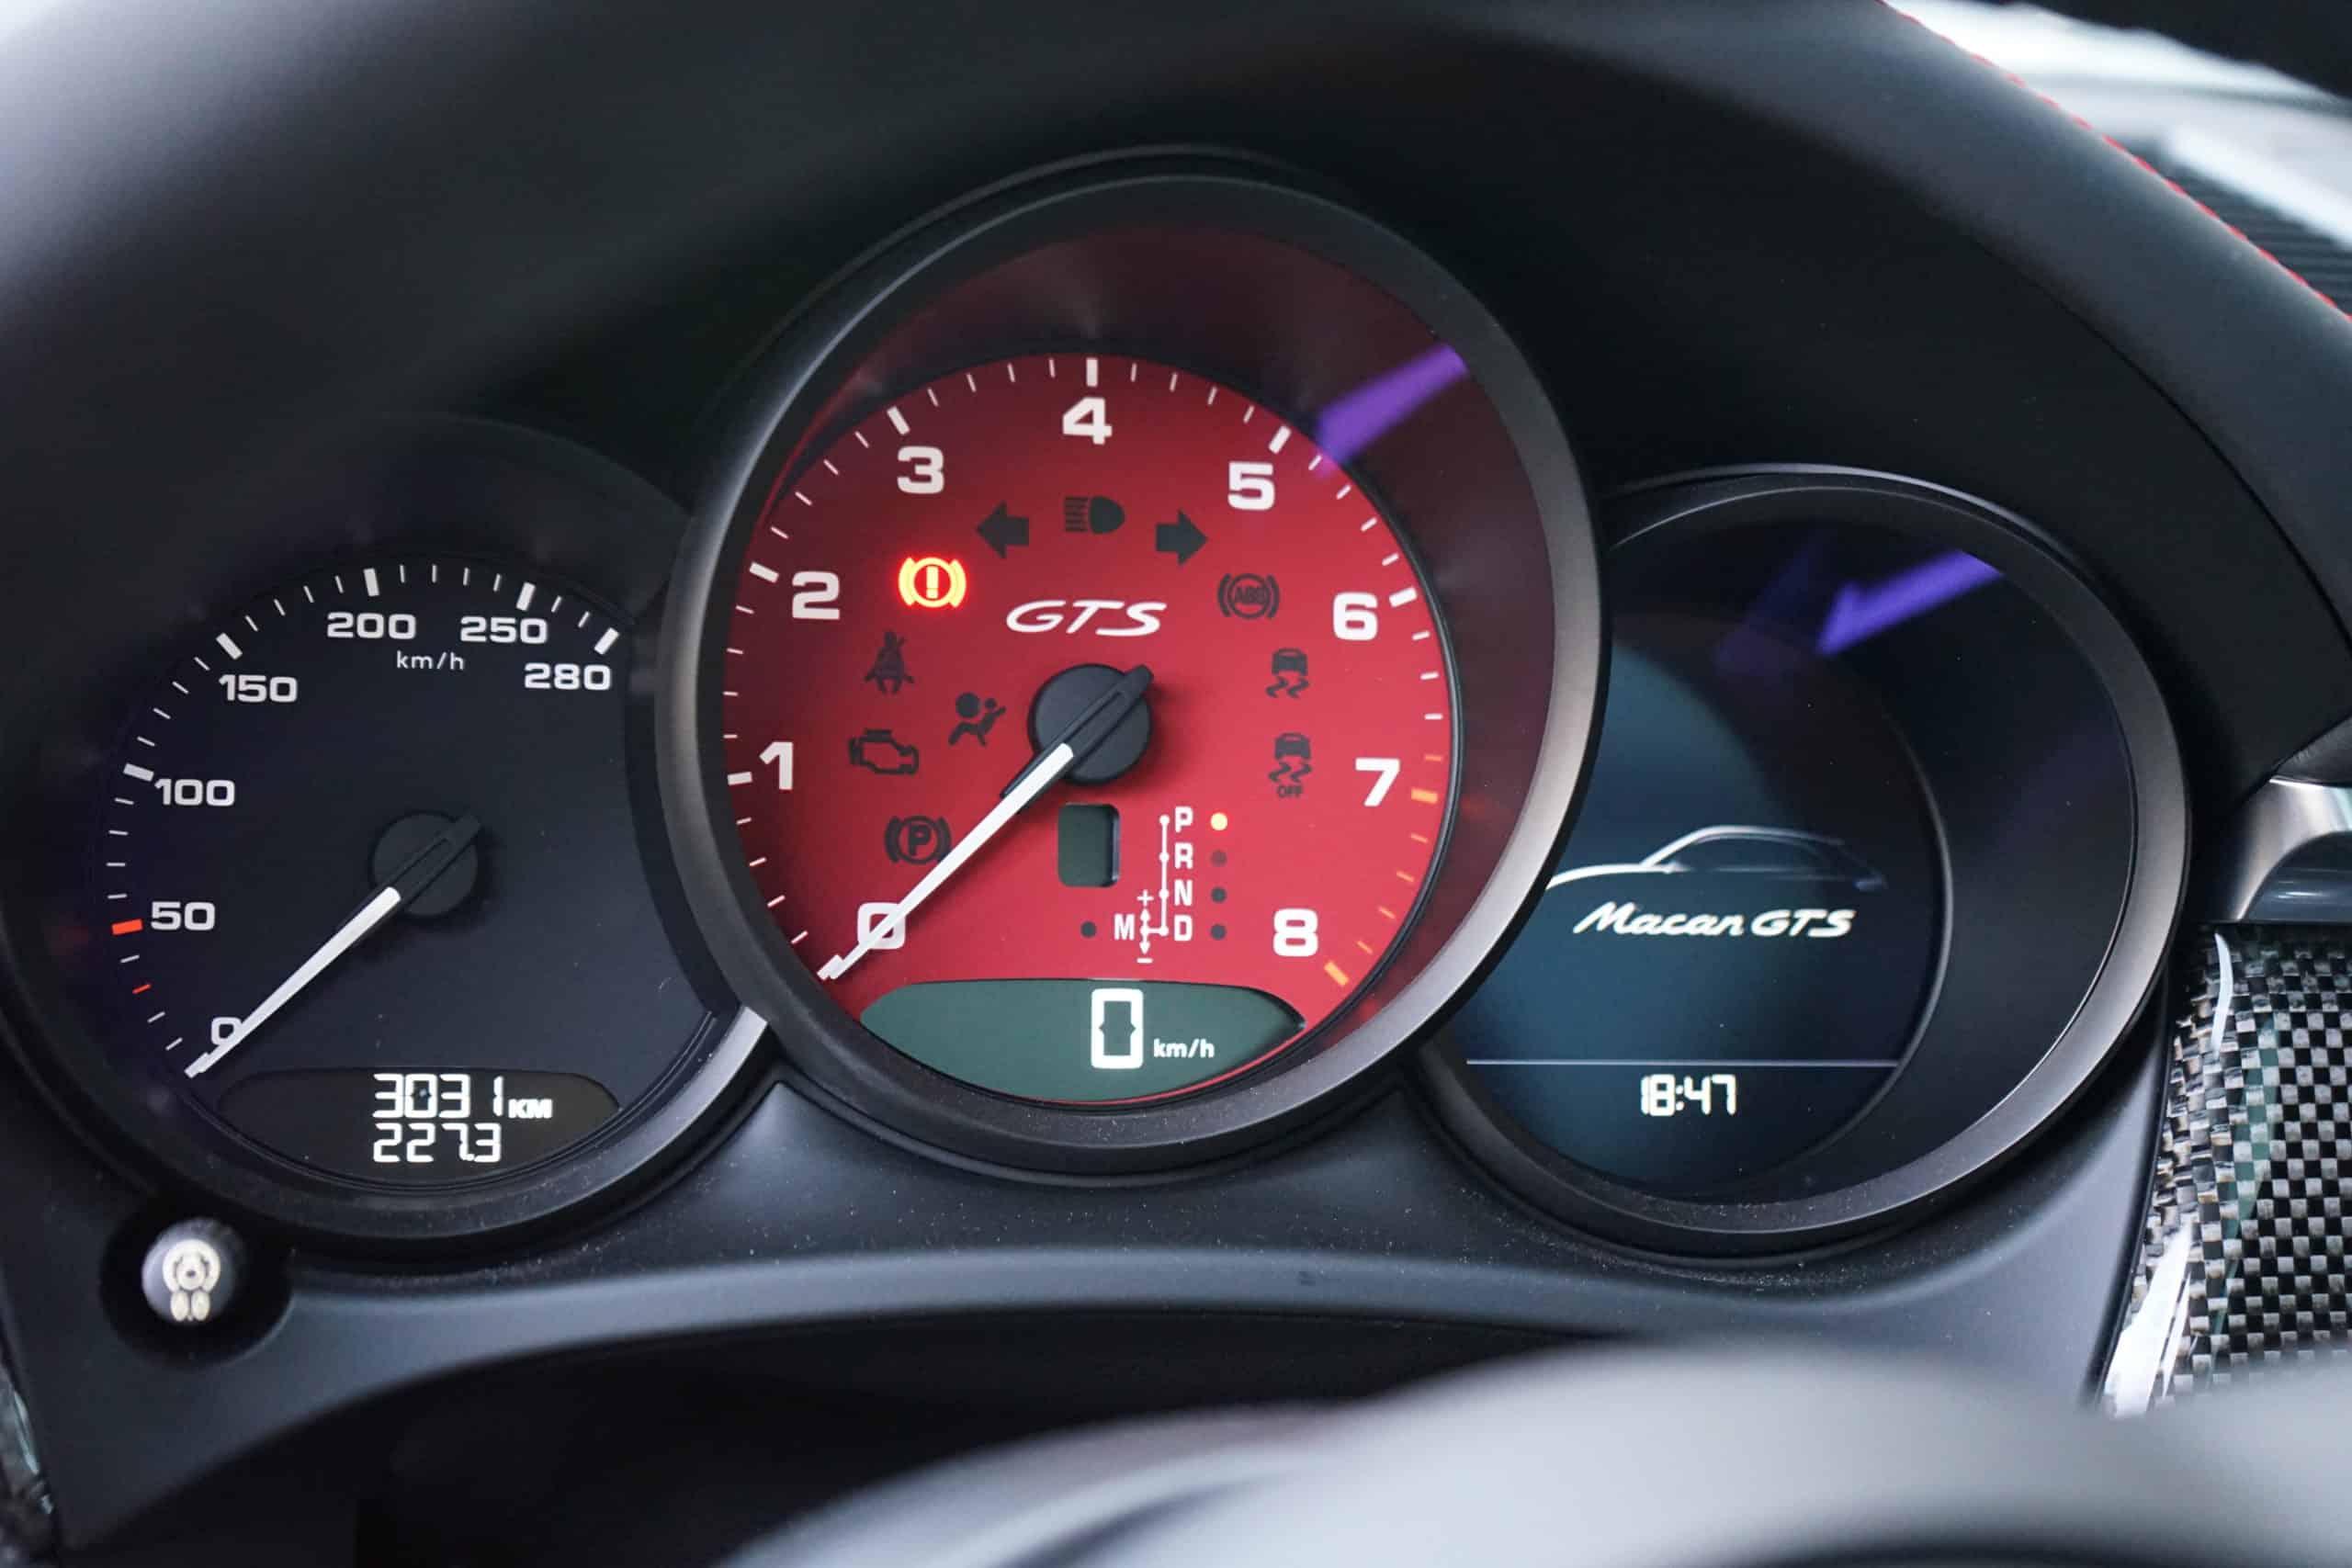 2020 Porsche Macan GTS (380 PS)